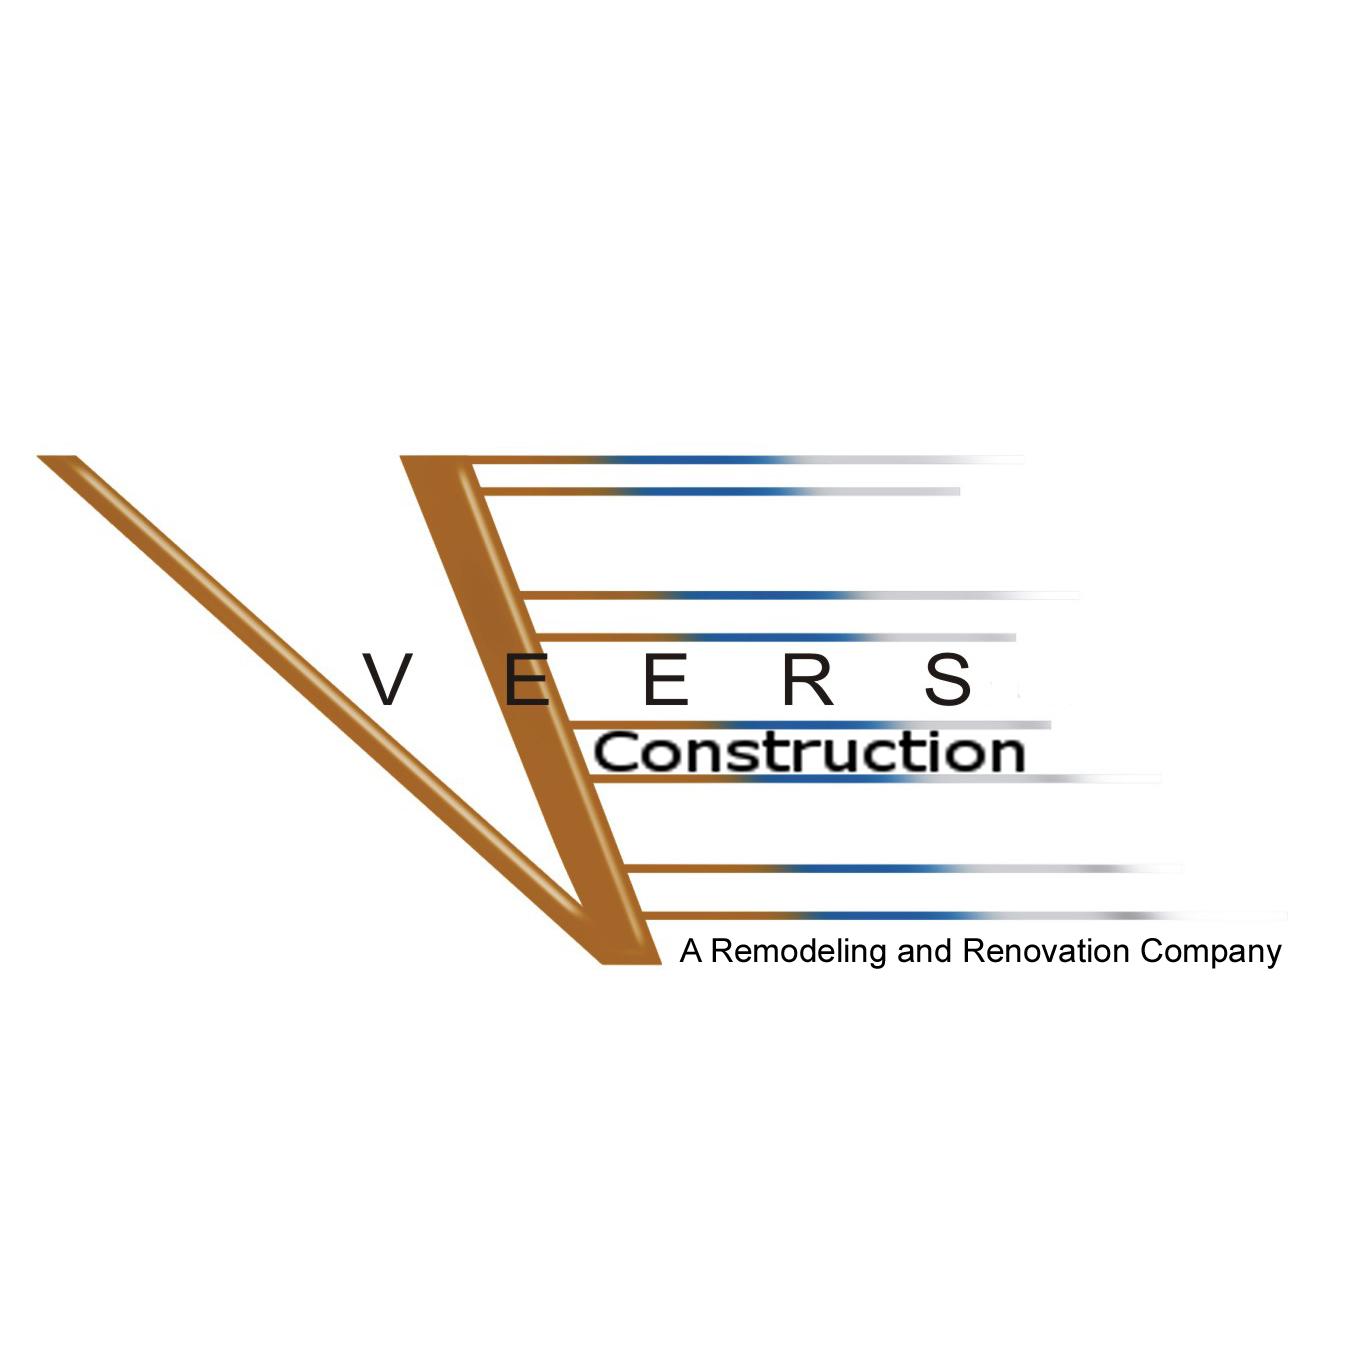 Veers Construction LLC